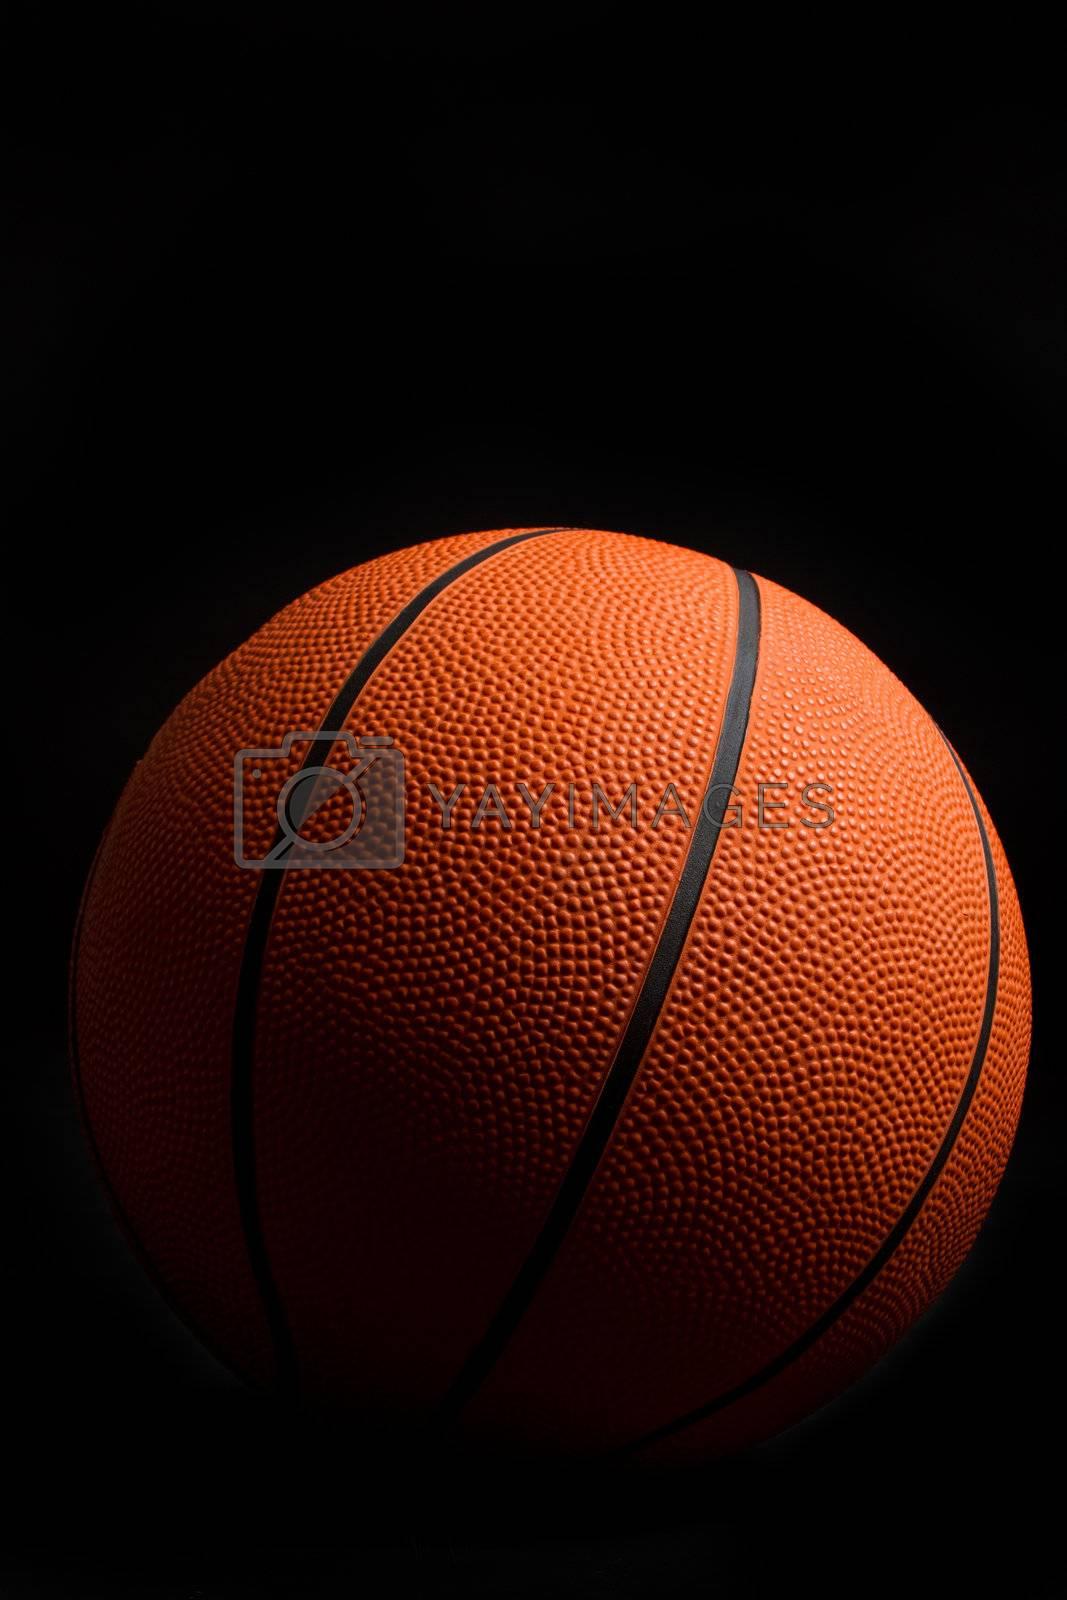 Orange basketball on black background